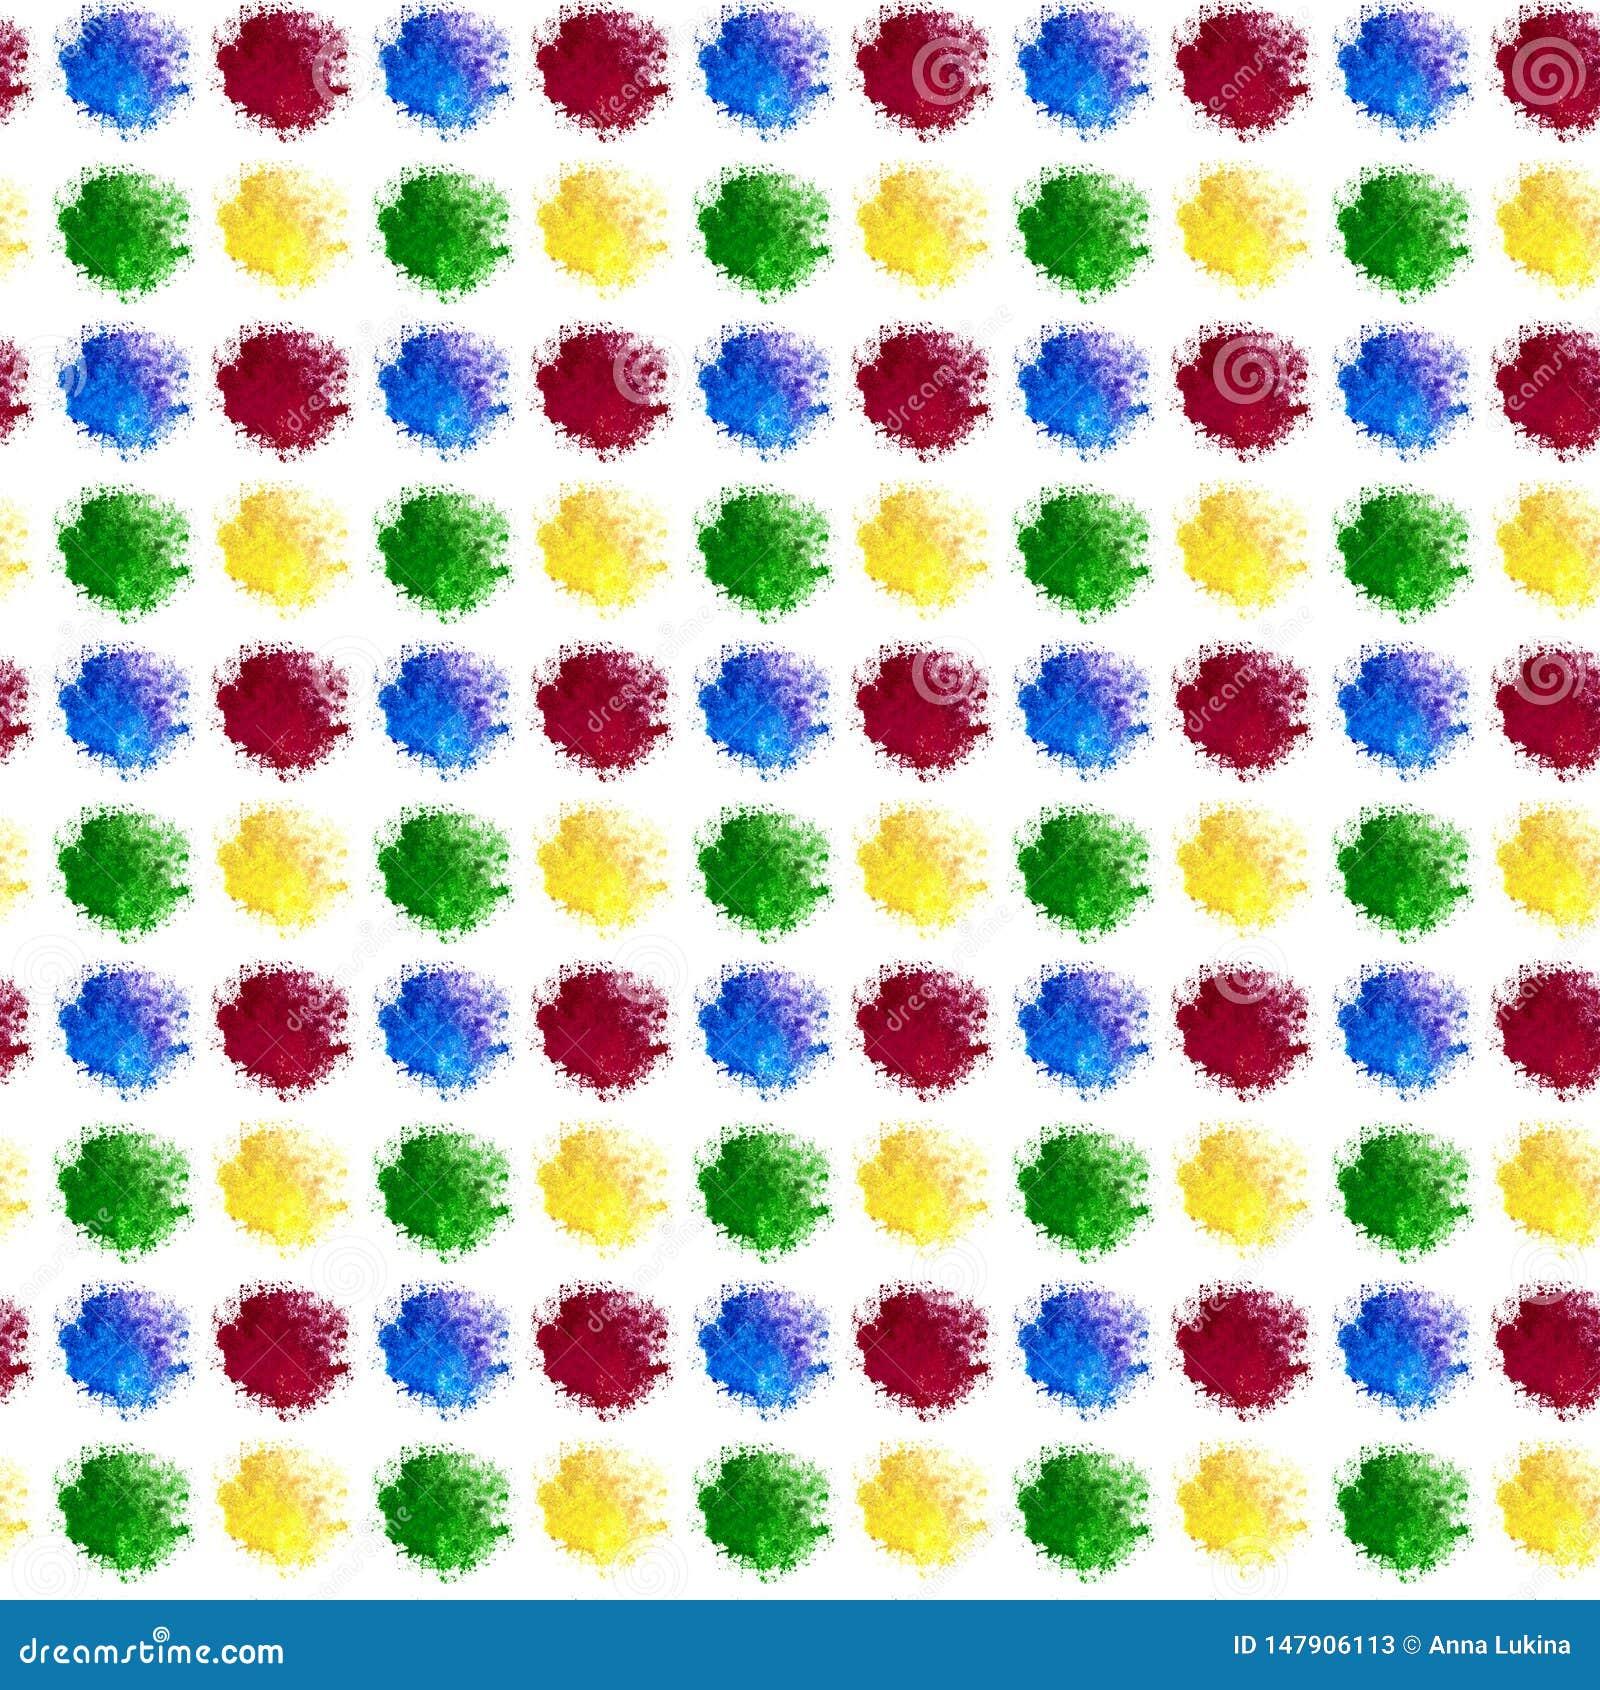 El fondo abstracto es descensos multicolores de una acuarela salpica Los puntos mienten exactamente en fila y las columnas Azulve